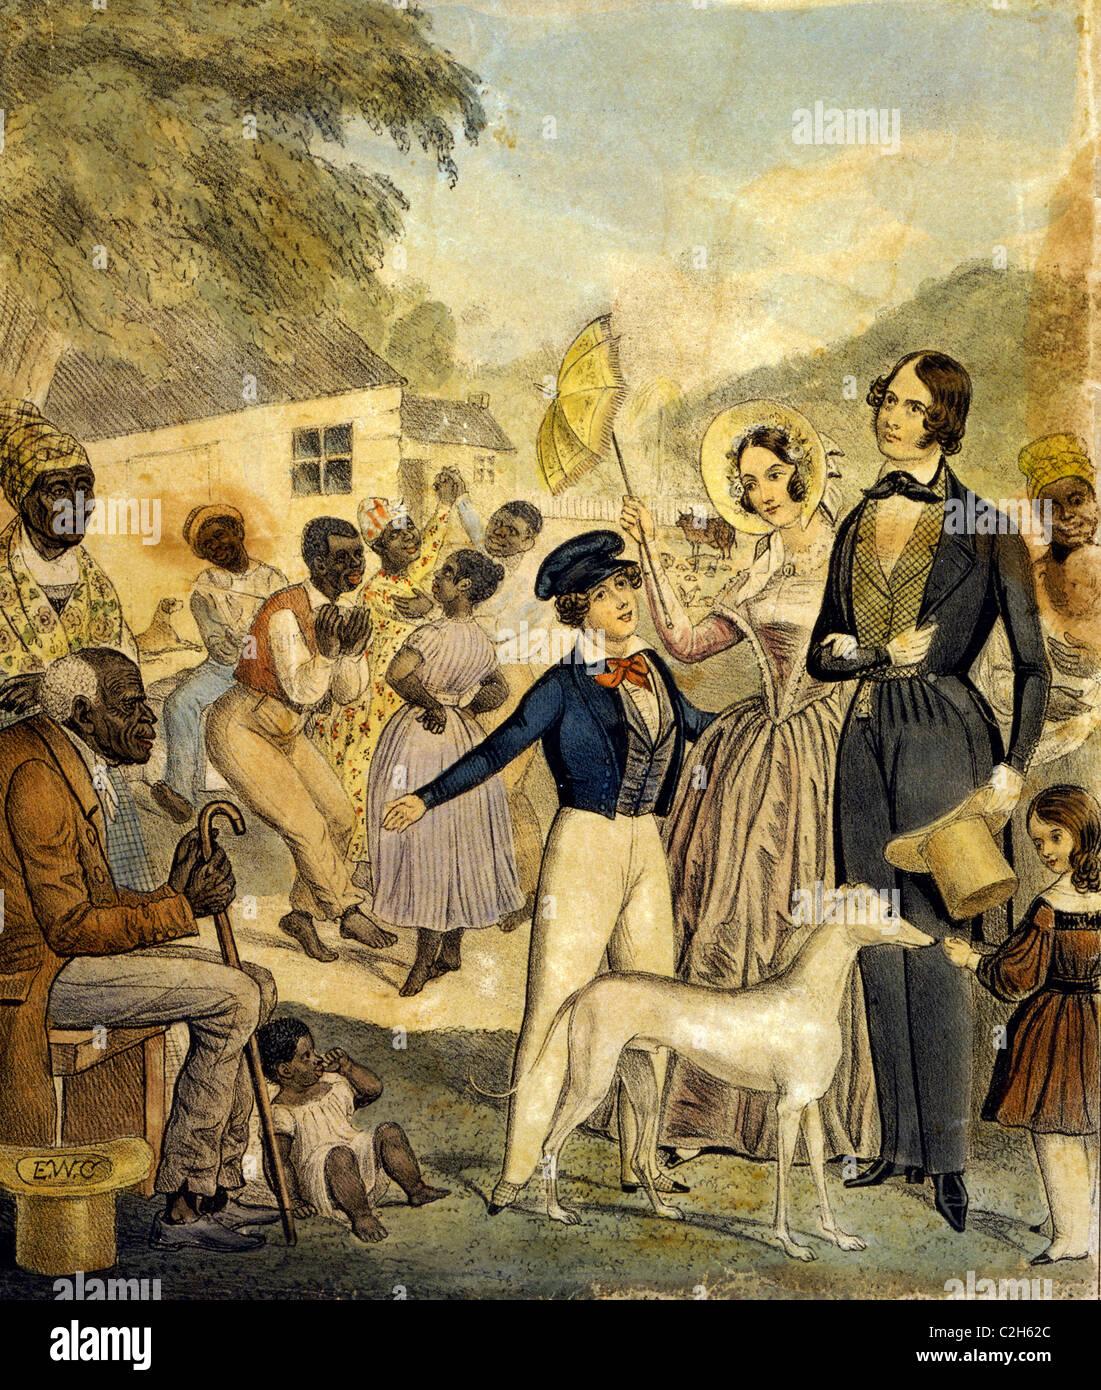 Una representación idealizada de la esclavitud americana y las condiciones de los negros bajo este sistema Imagen De Stock